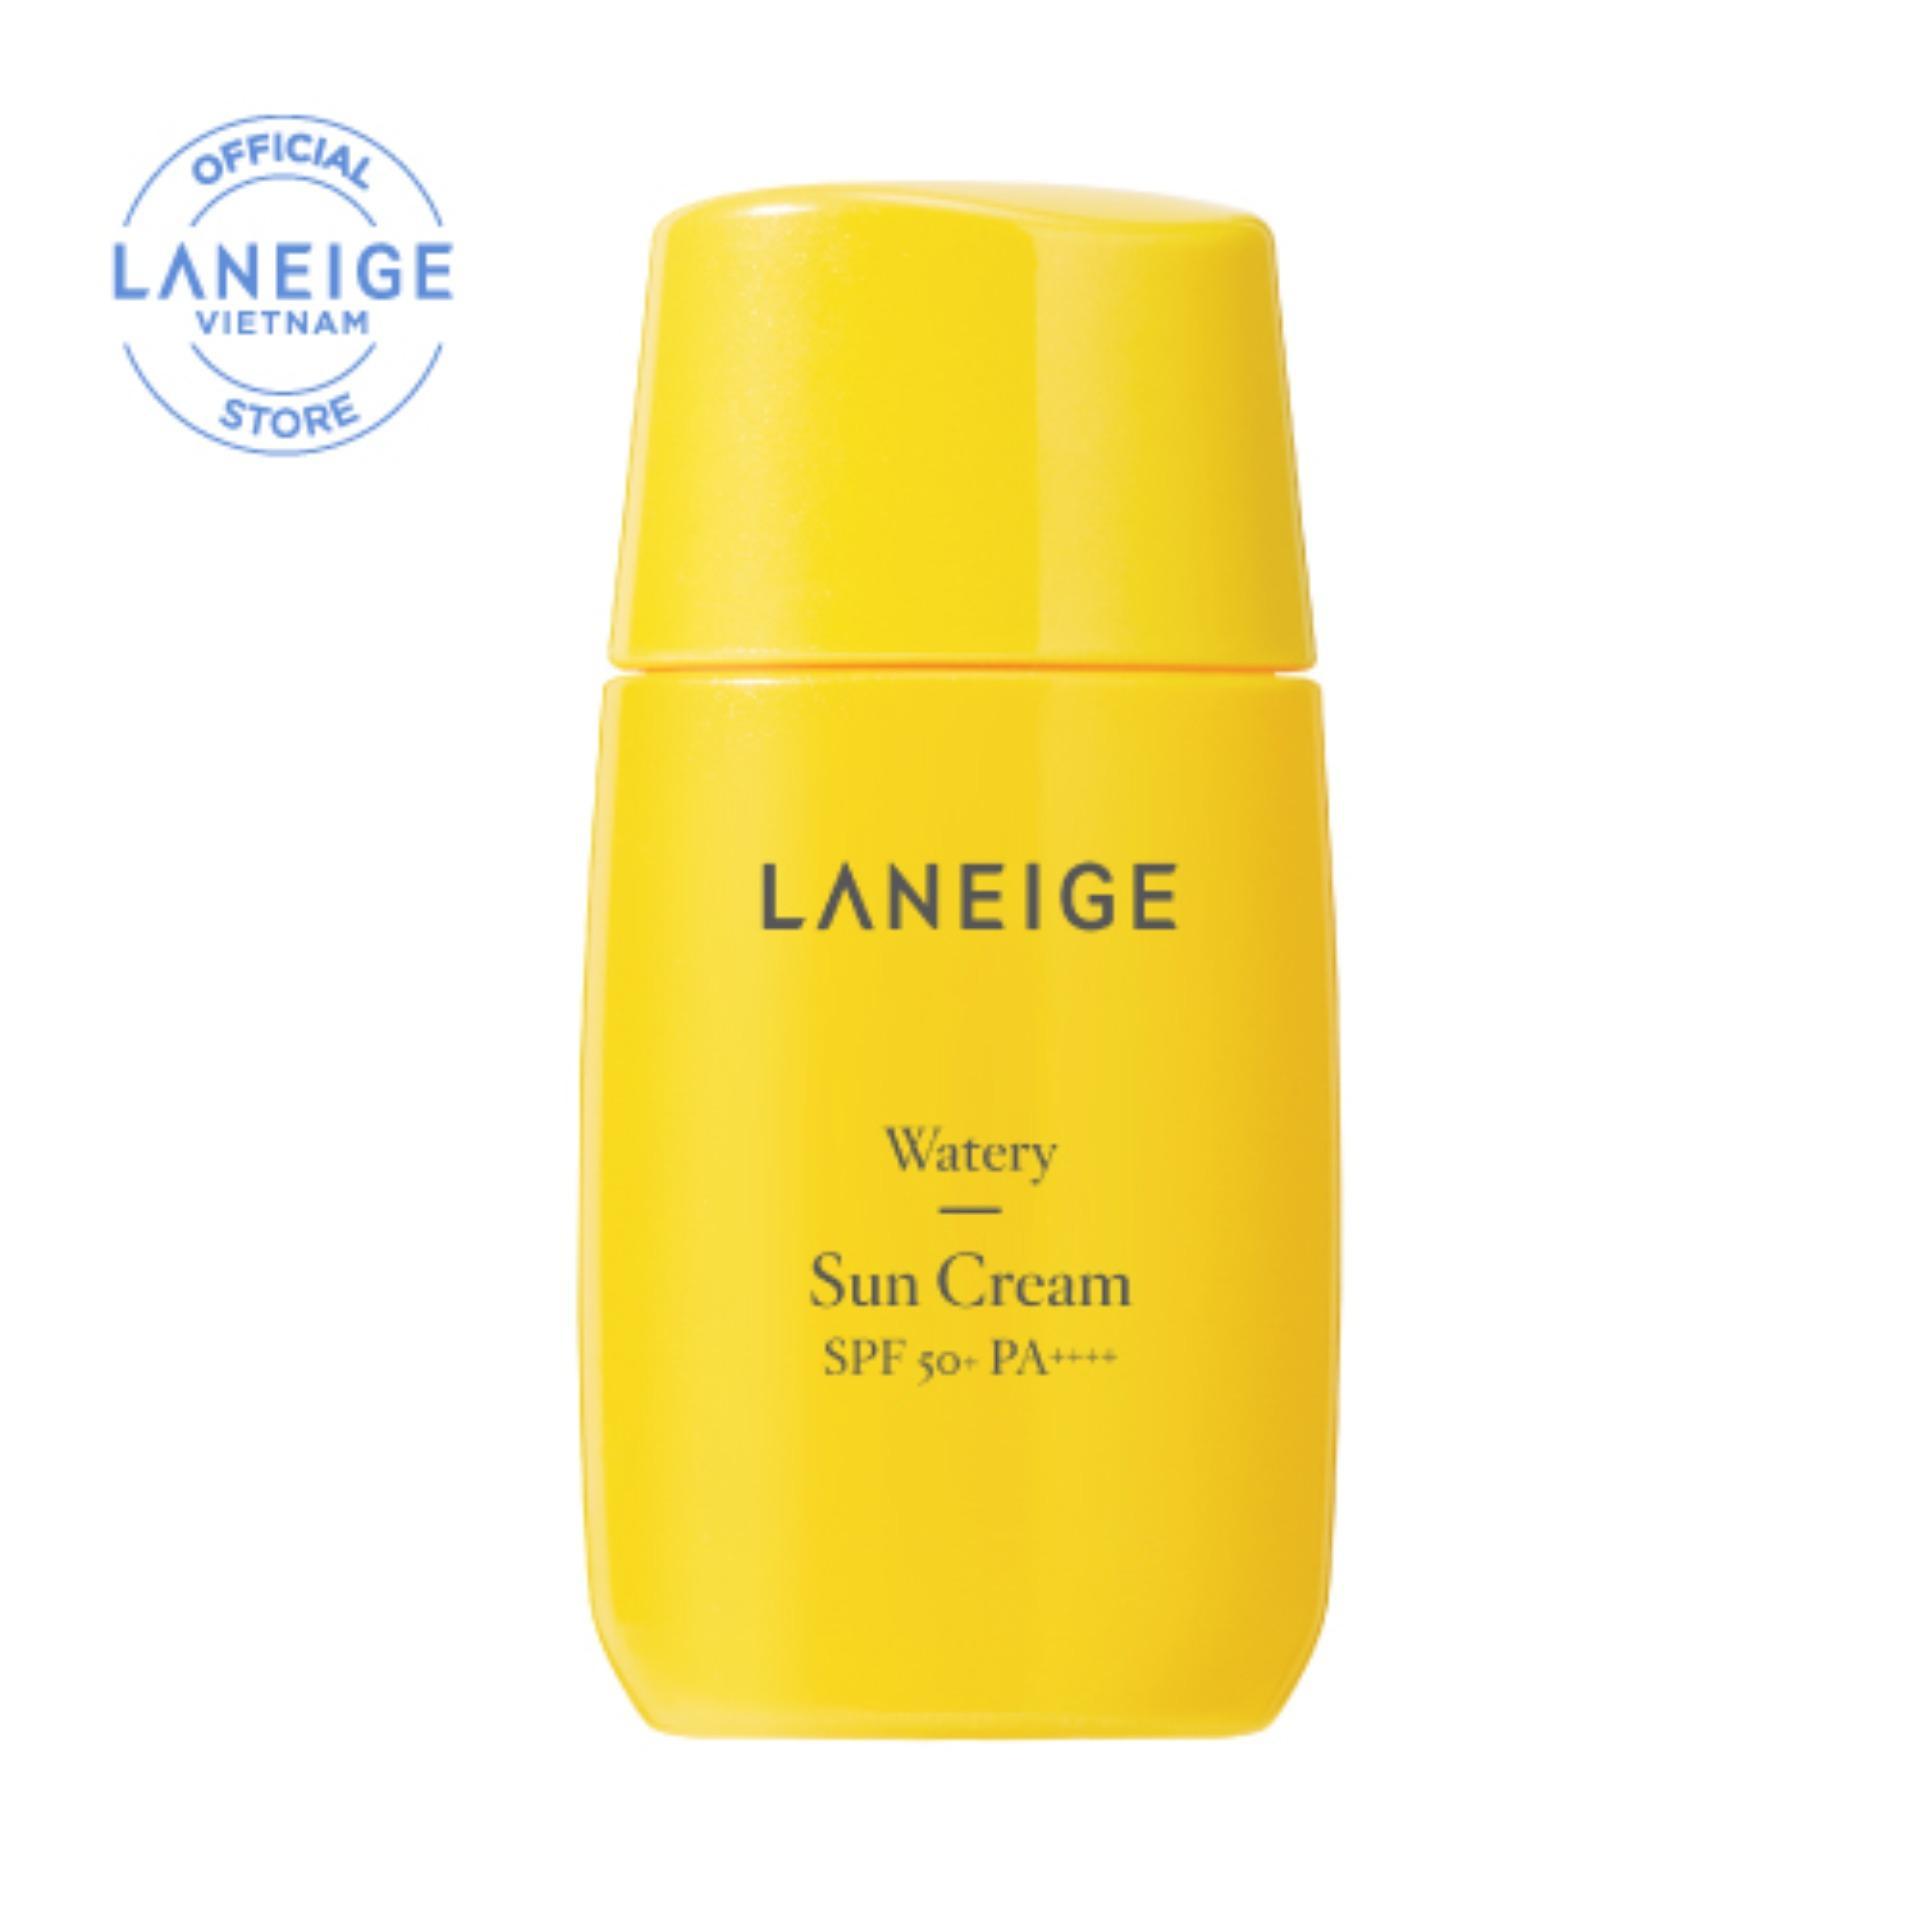 Kem chống nắng cho da thường và da khô Laneige Watery Sun Cream SPF50+ PA++++ 50ml tốt nhất